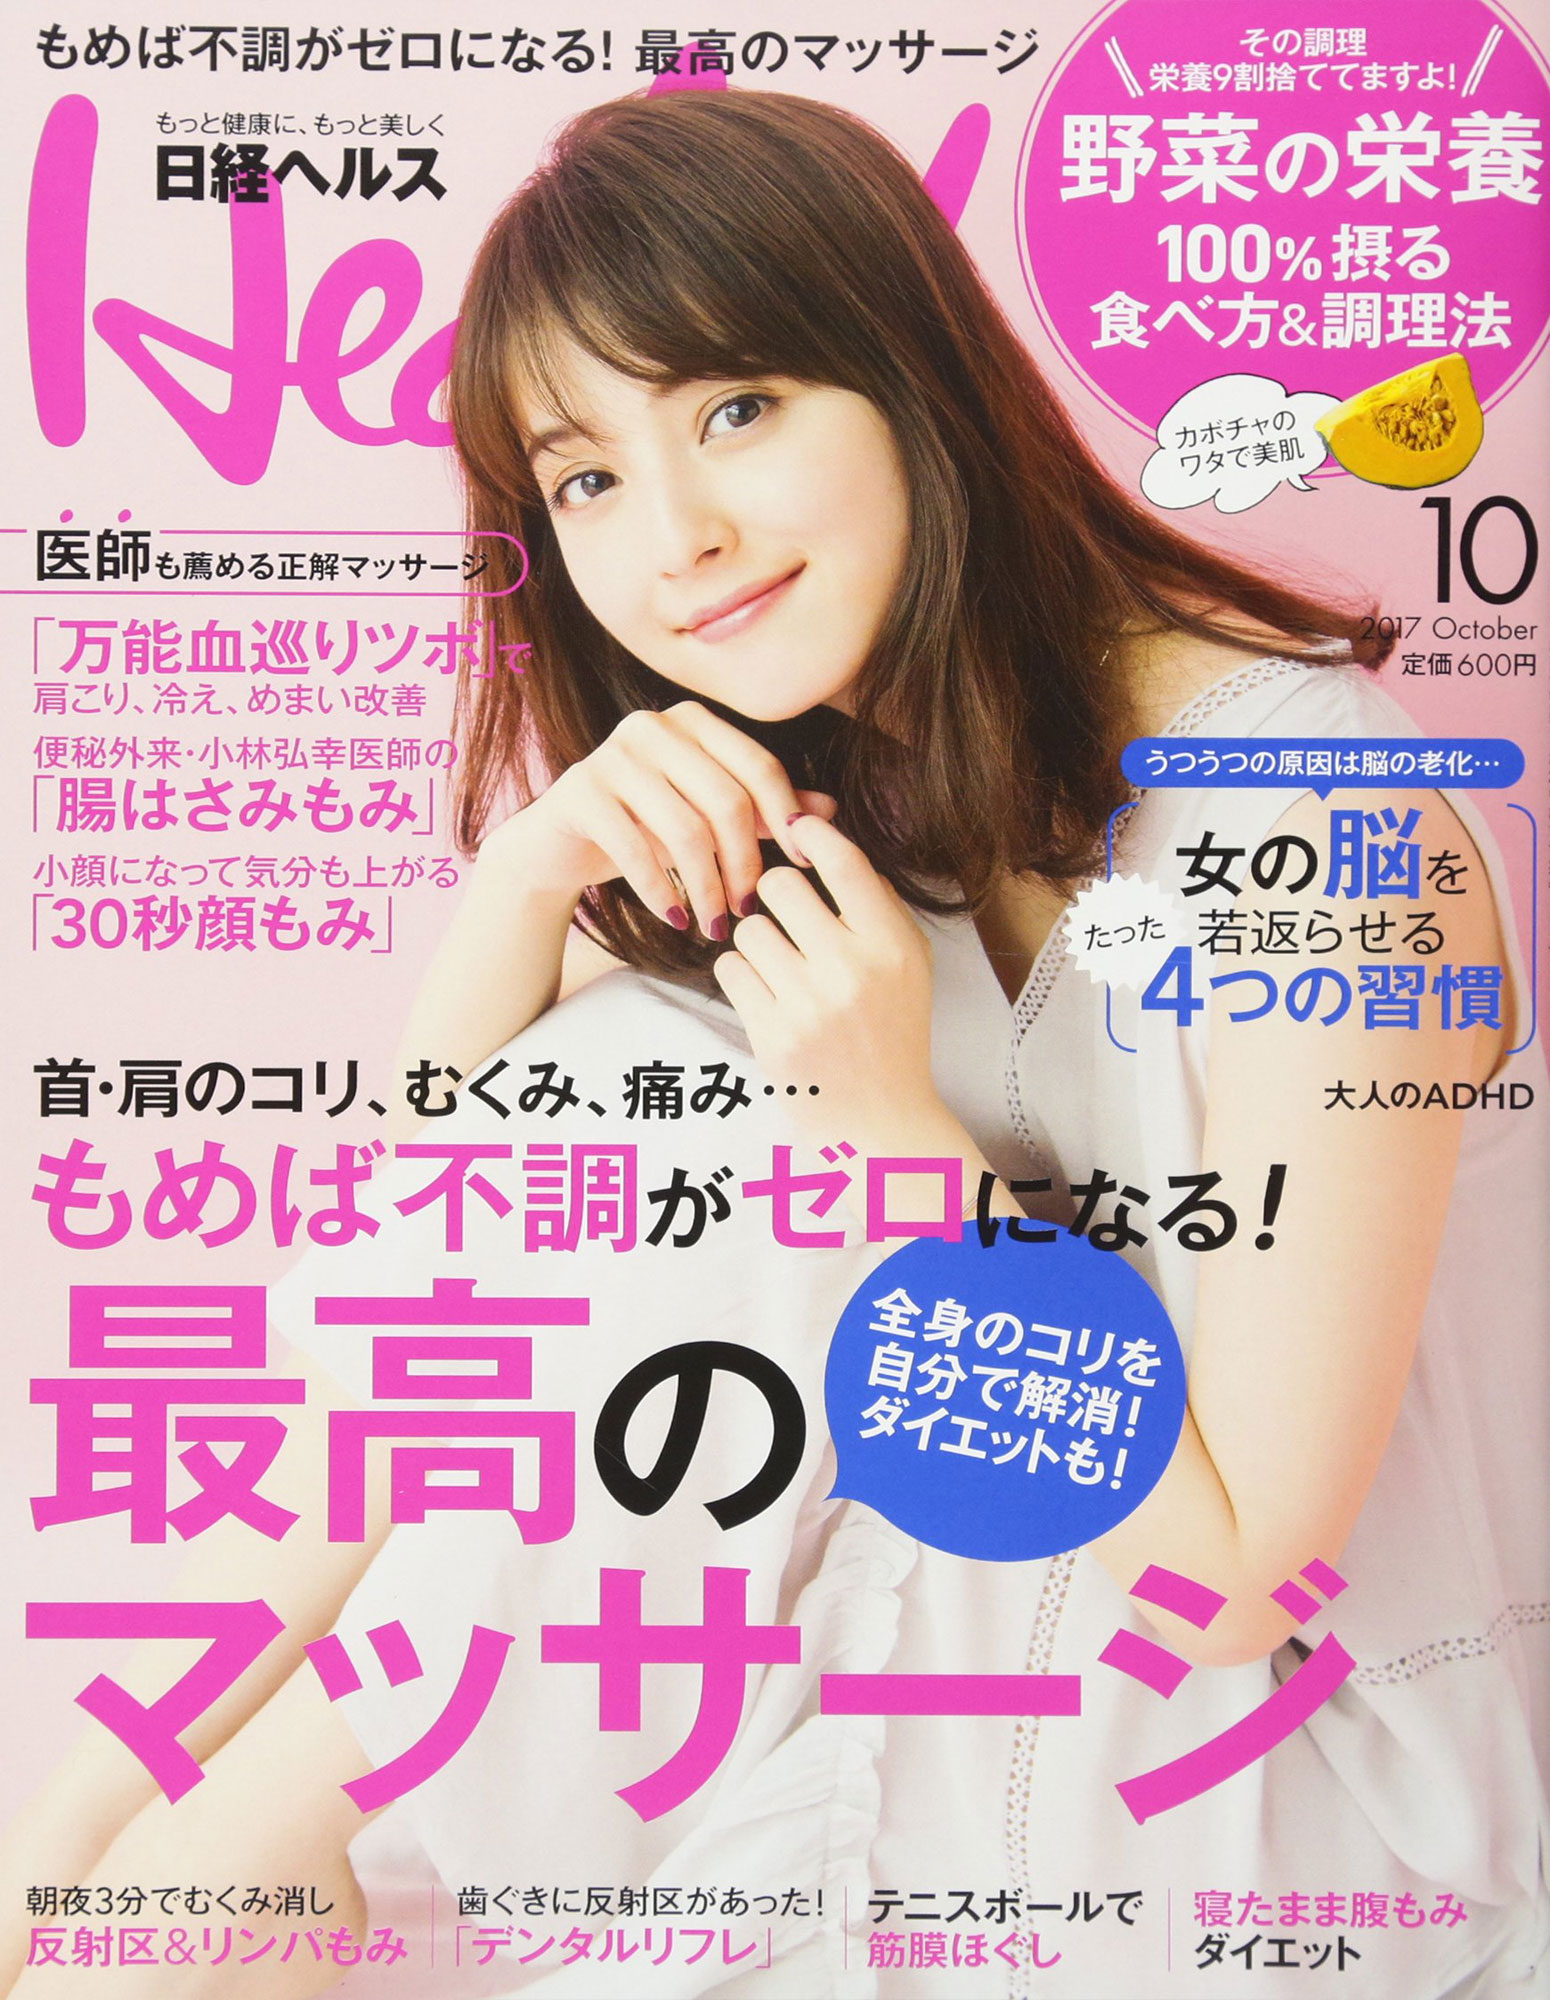 健康、美容など有名雑誌